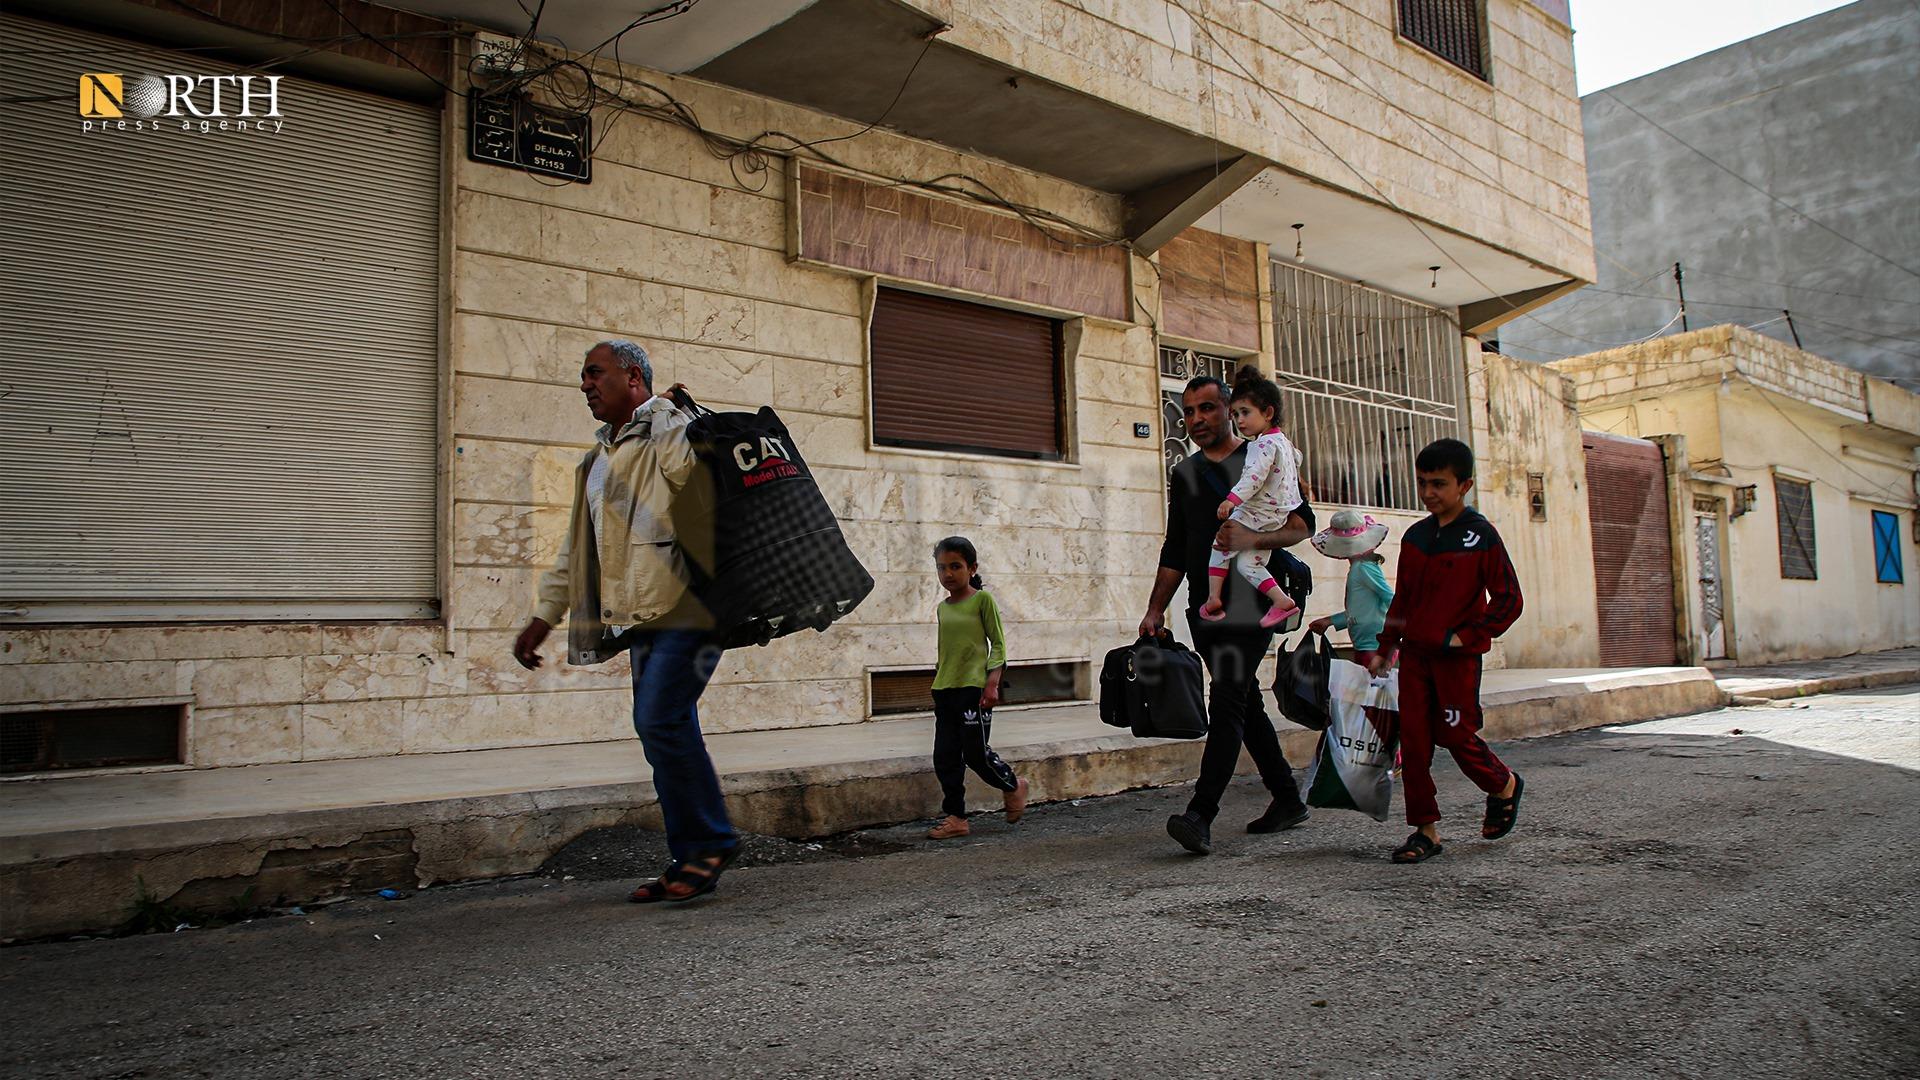 حركة نزوح تشهدها مدينة القامشلي بعد تجدد الاشتباكات